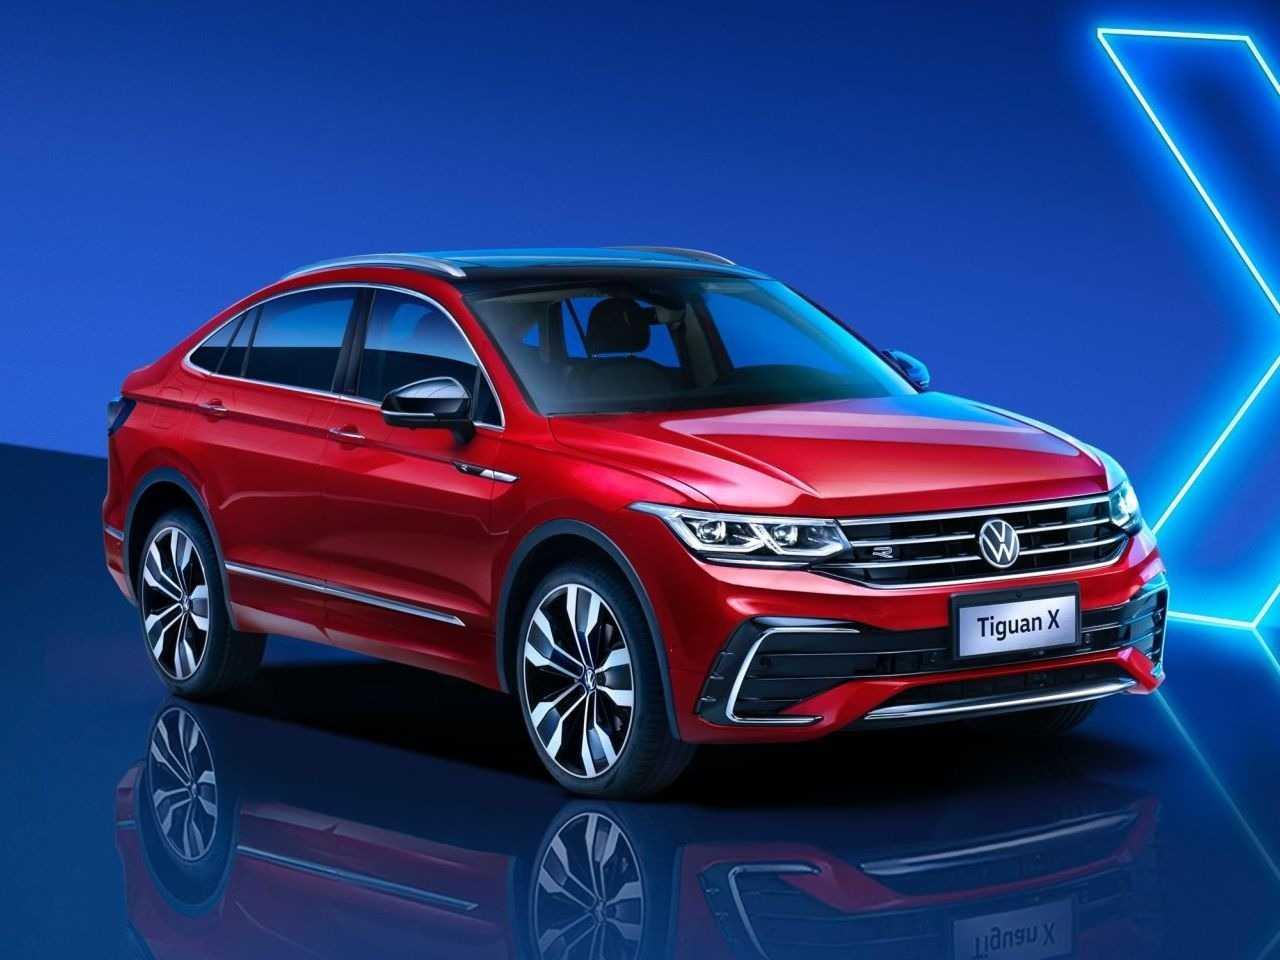 Galeria de fotos: VW Tiguan X: SUV cupê maior que o Nivus ...